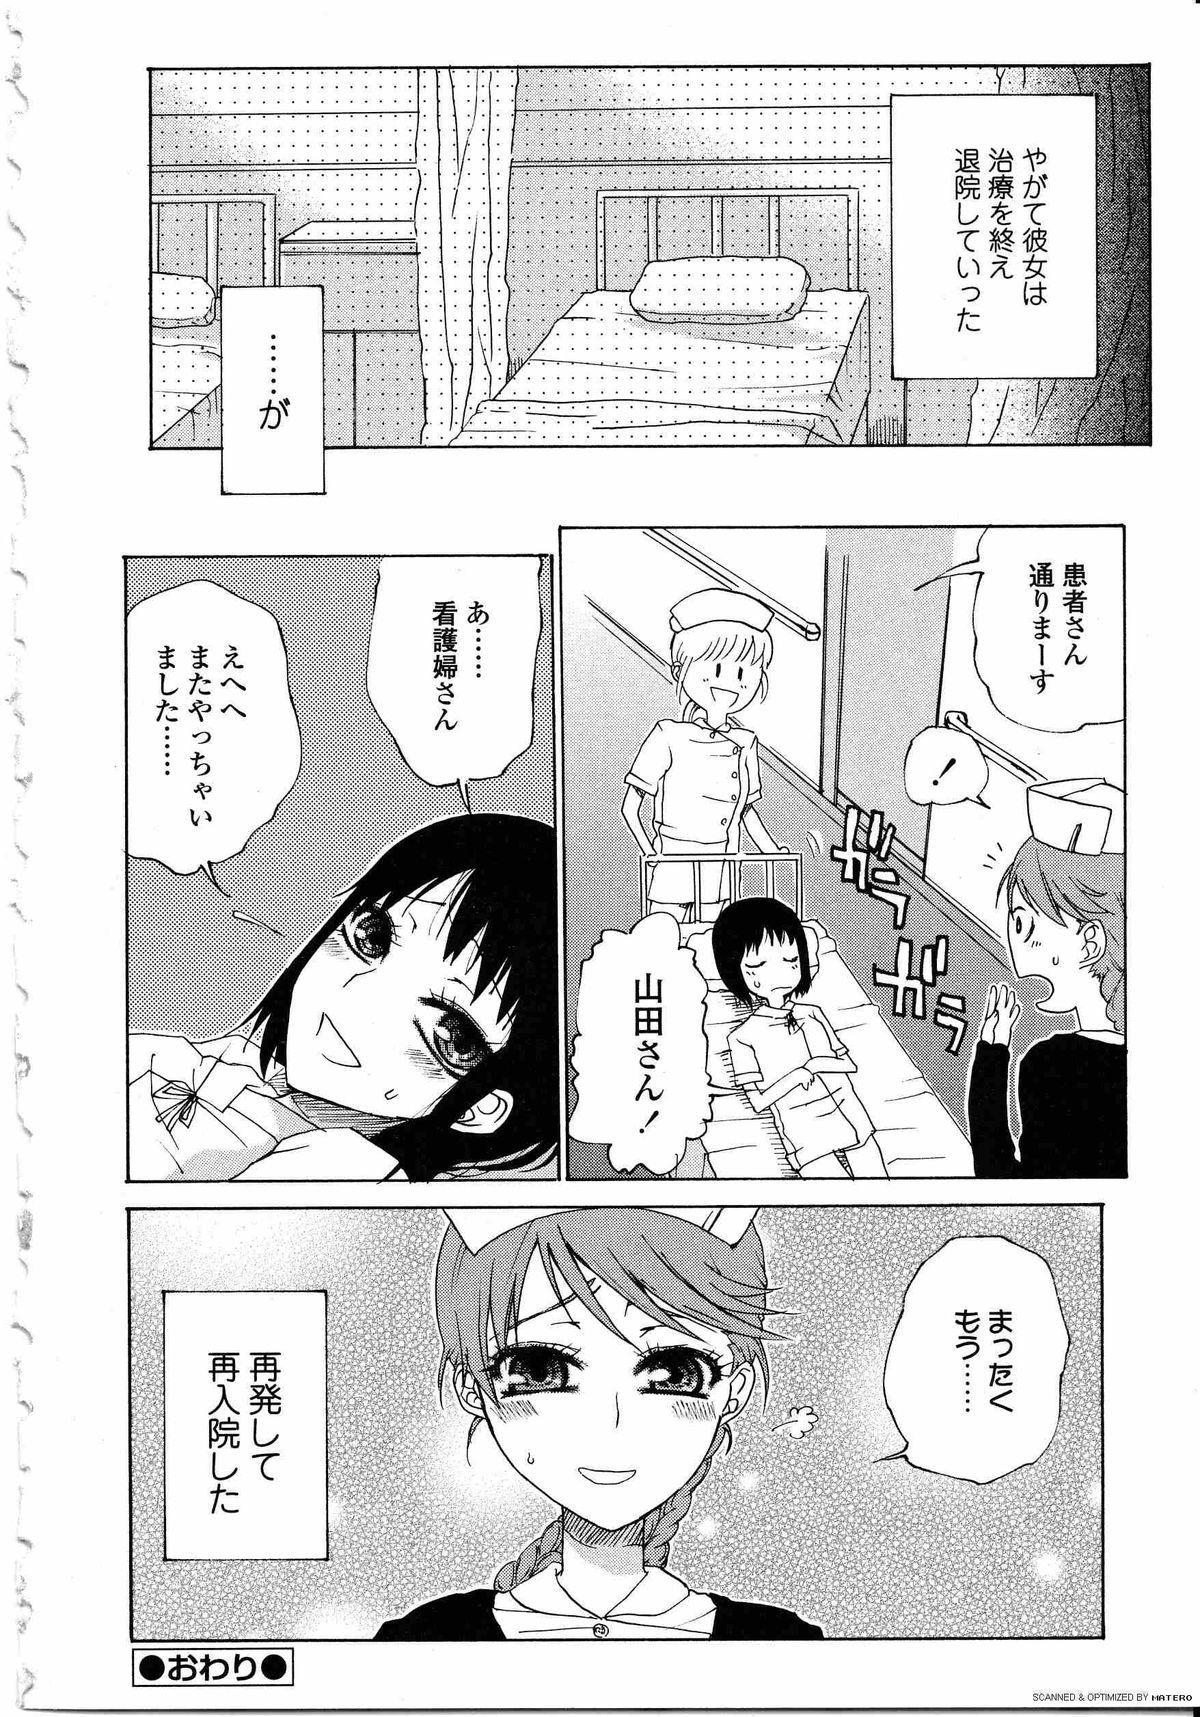 Futanarikko LOVE 8 158